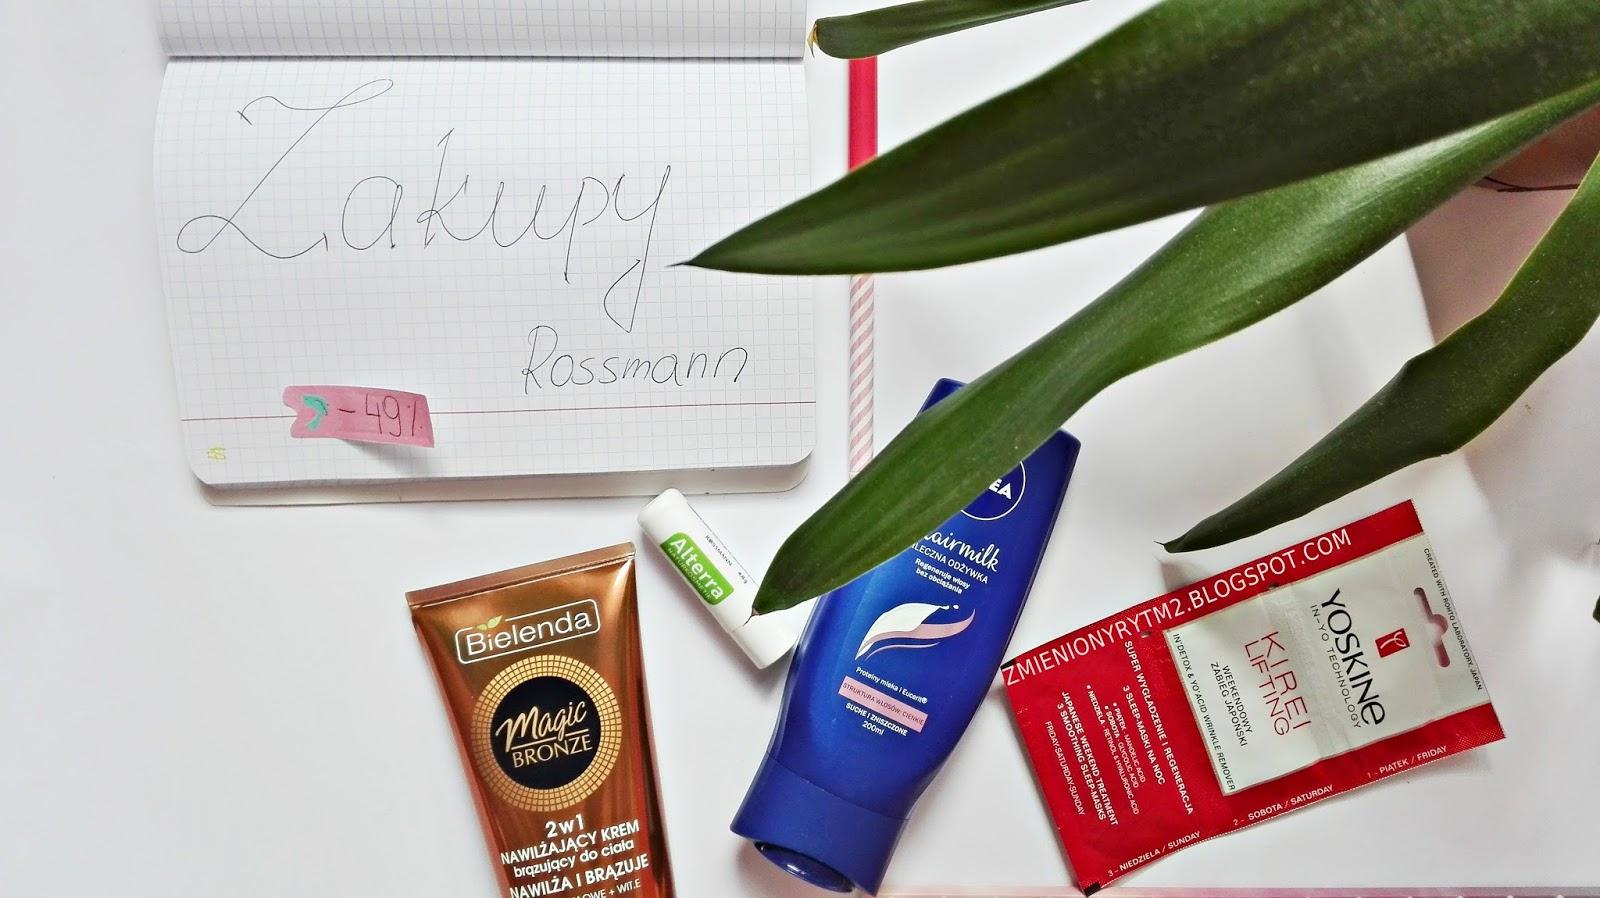 Moje zakupy z Rossmann! | -49% na pielęgnacja ciała, odżywki, maseczki do twarzy